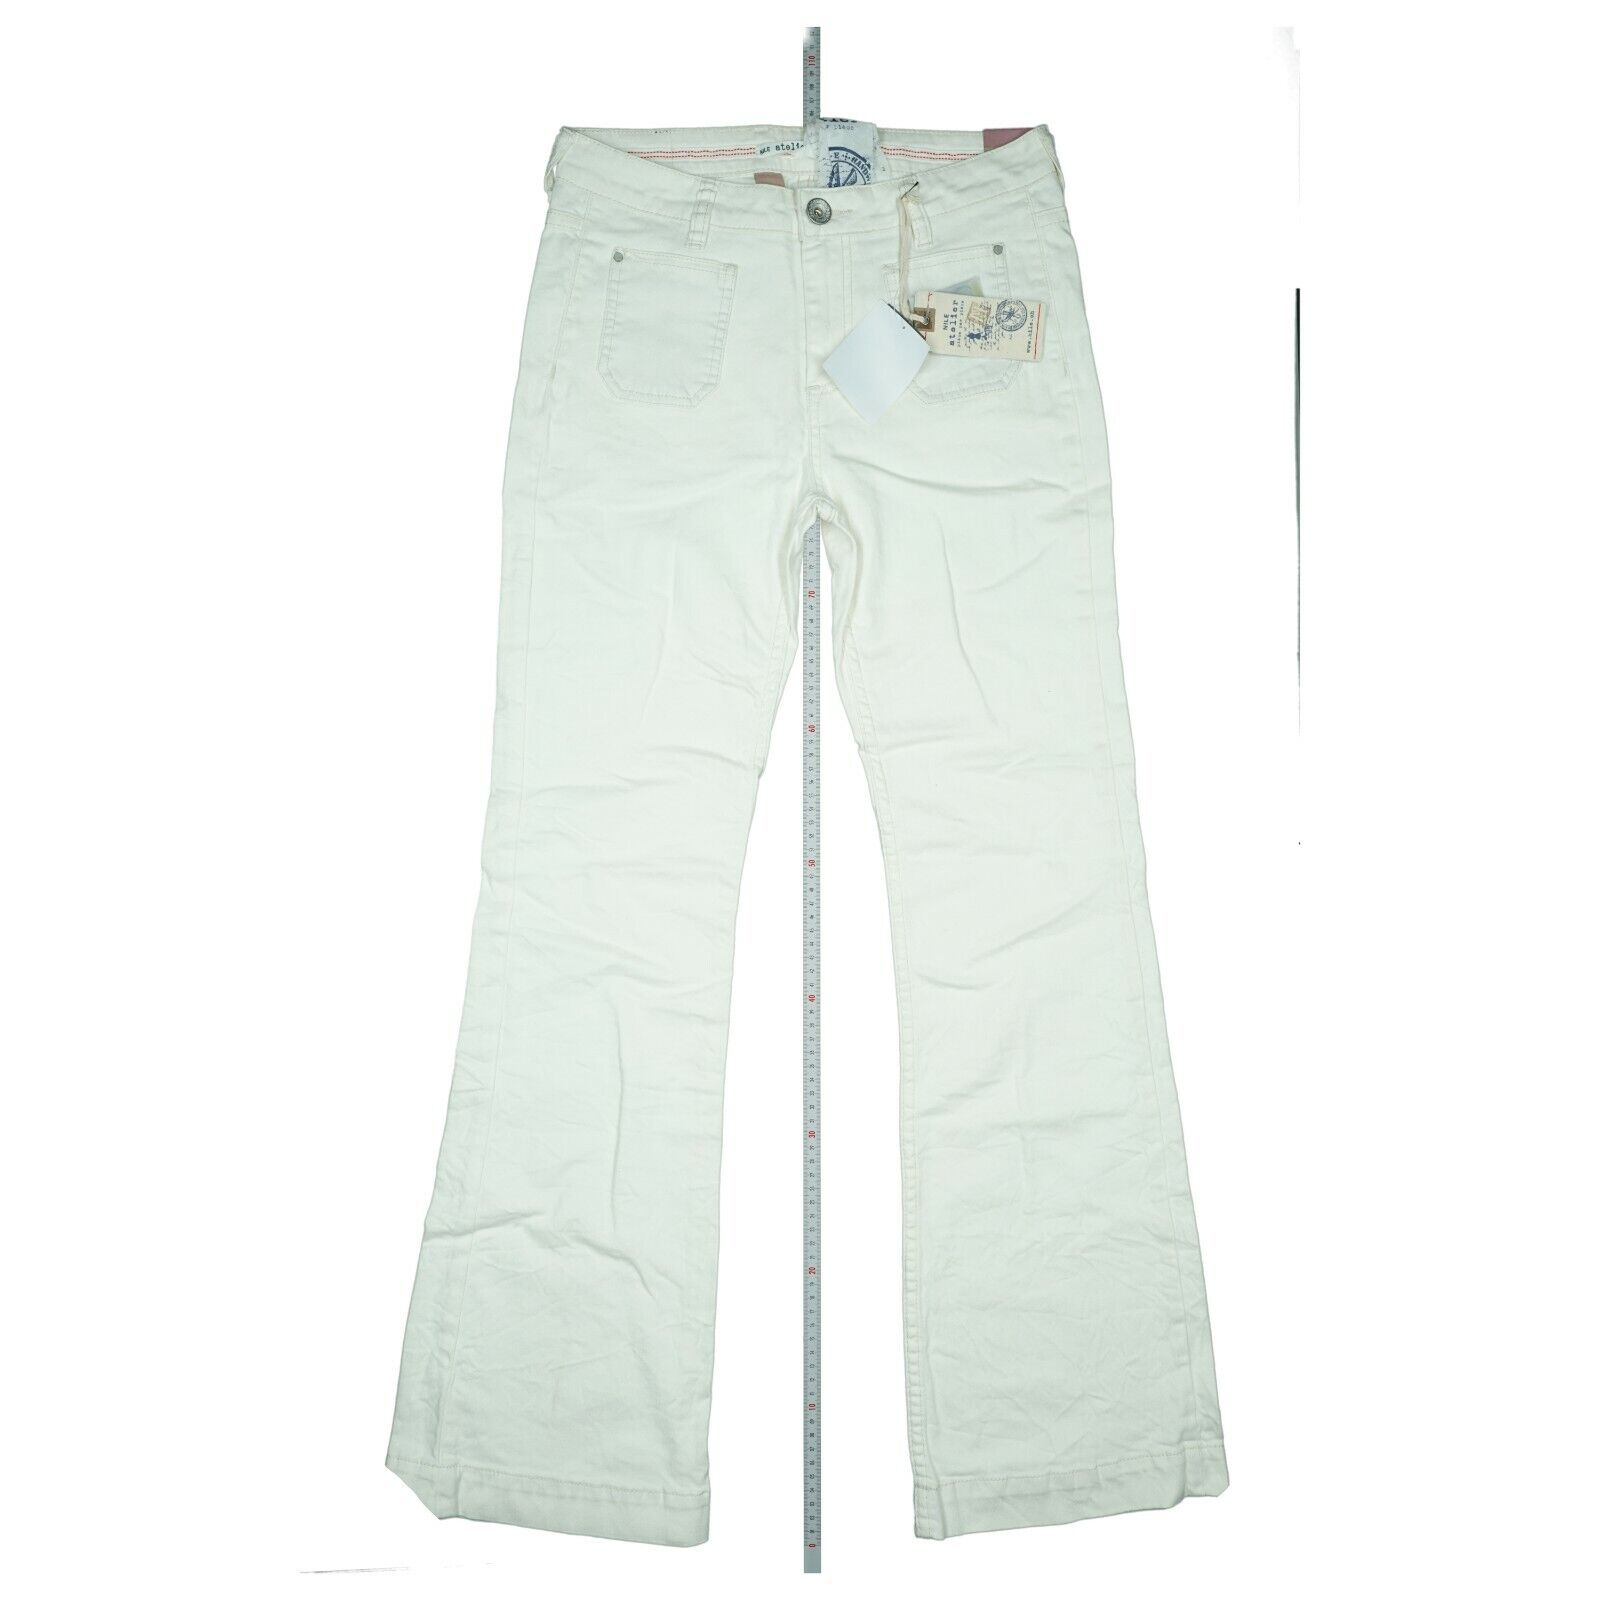 Nile Damen Jeans Stretch Hose Bootcut Flare Schlag 30/32 Gr. S+ W30 L32 Weiß Neu